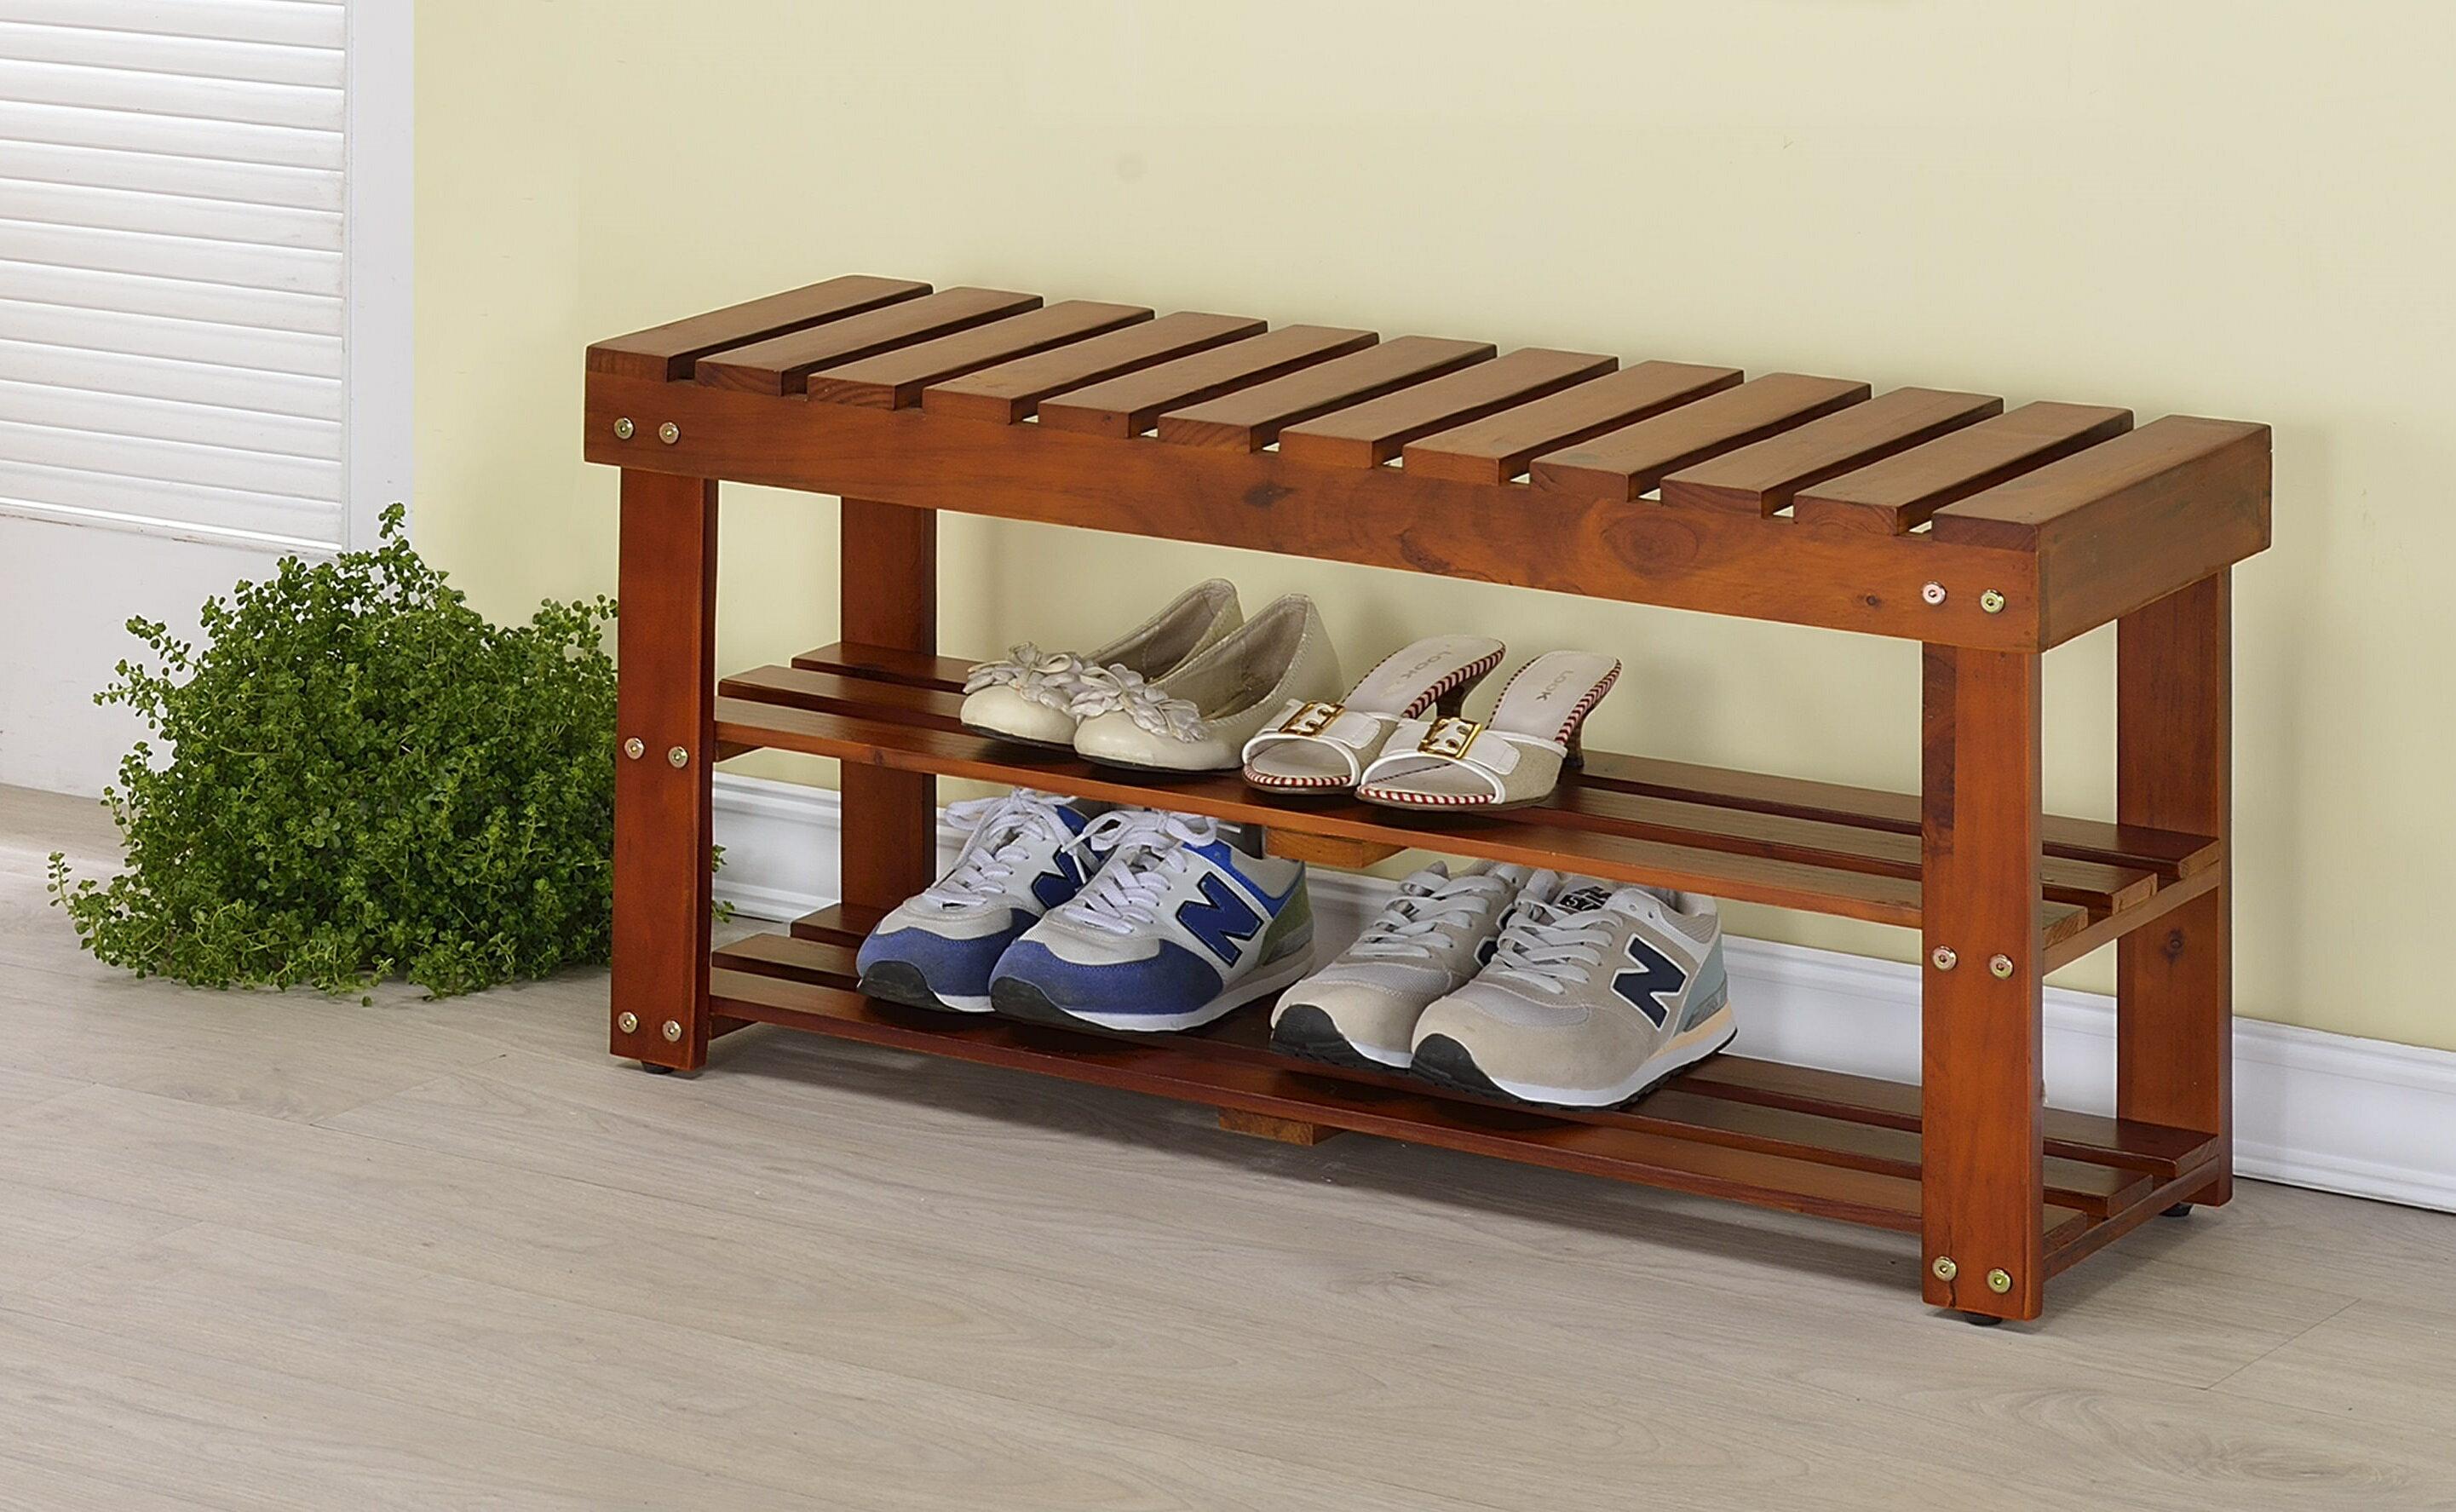 生活大發現-DIY家具-實木穿鞋椅/鞋櫃/ 鞋架 雙色可選/免運專區